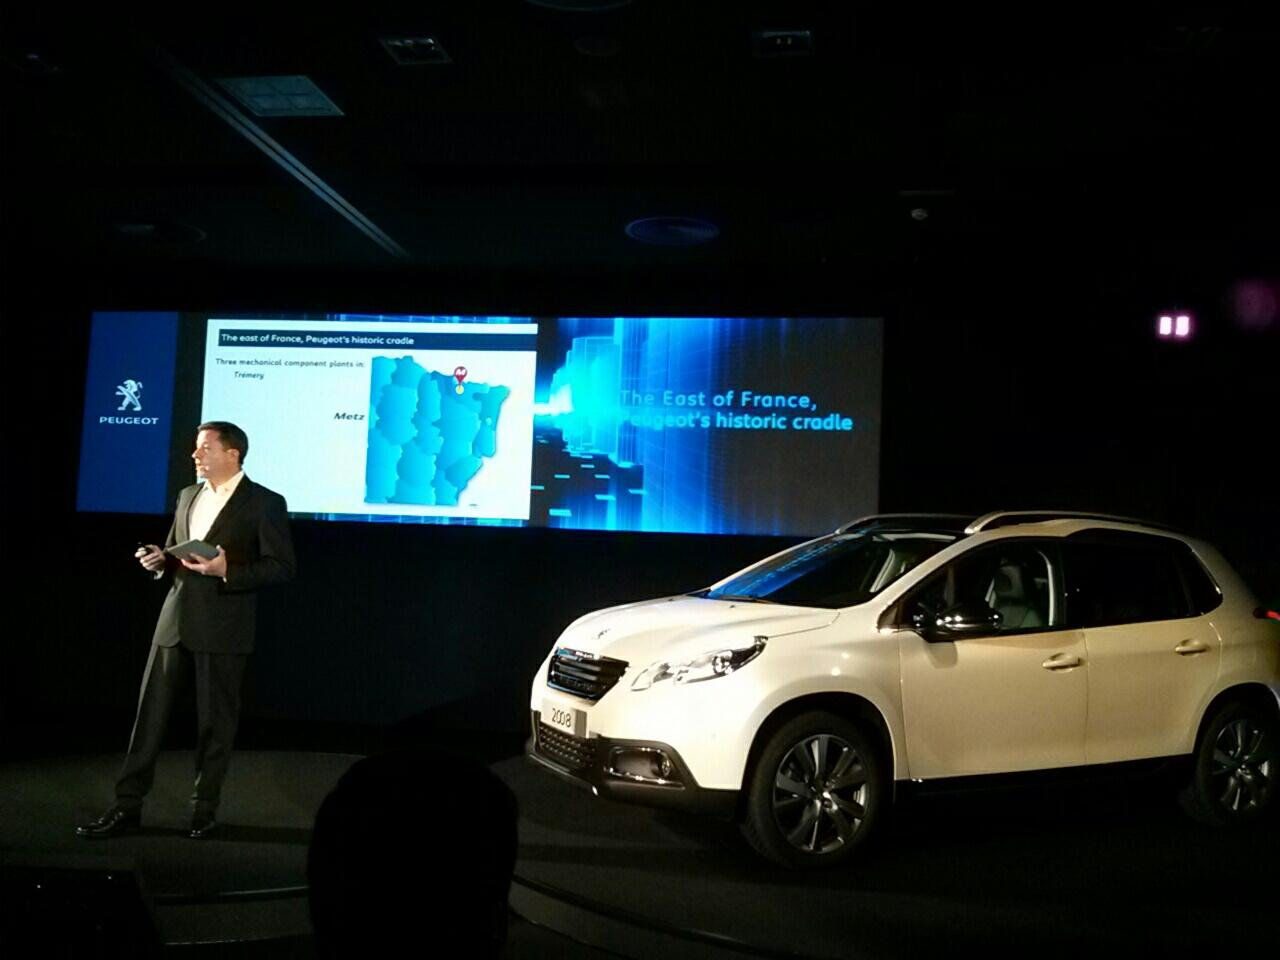 RT @ClaveroD: @PeugeotES ha conseguido desarrollar y comercializar el nuevo 2008 en sólo 3 años @diariomotor http://t.co/AnTansYFy1